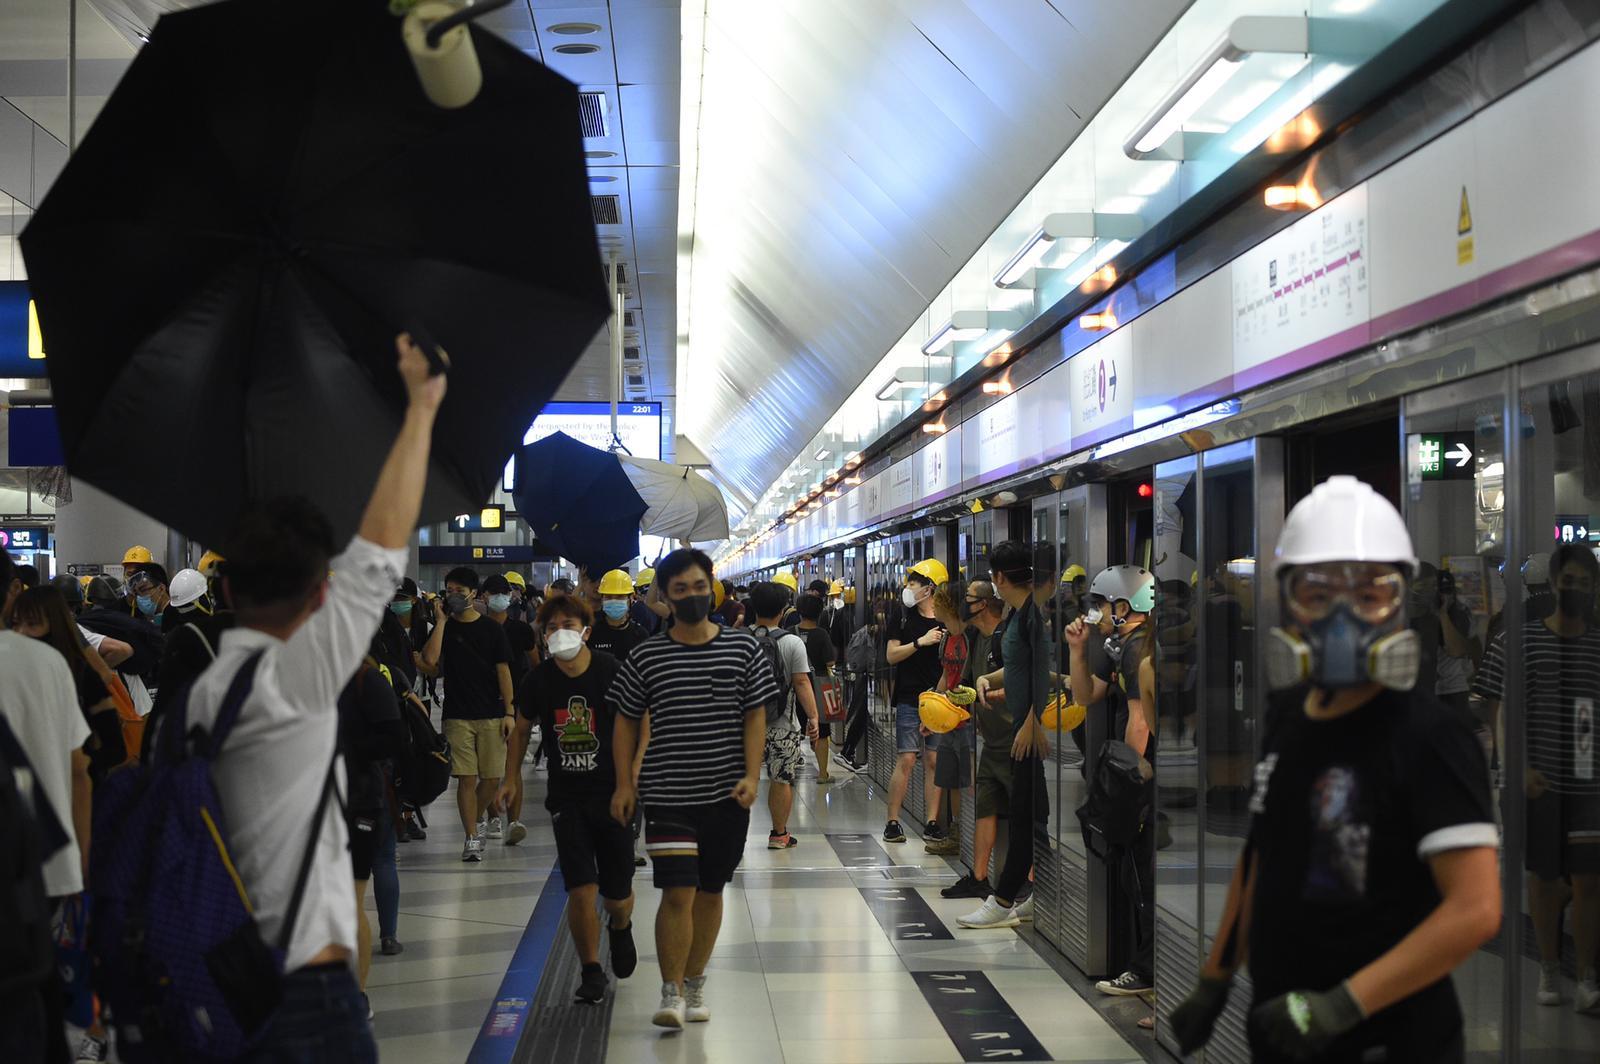 元朗站月台有示威者攔阻車門